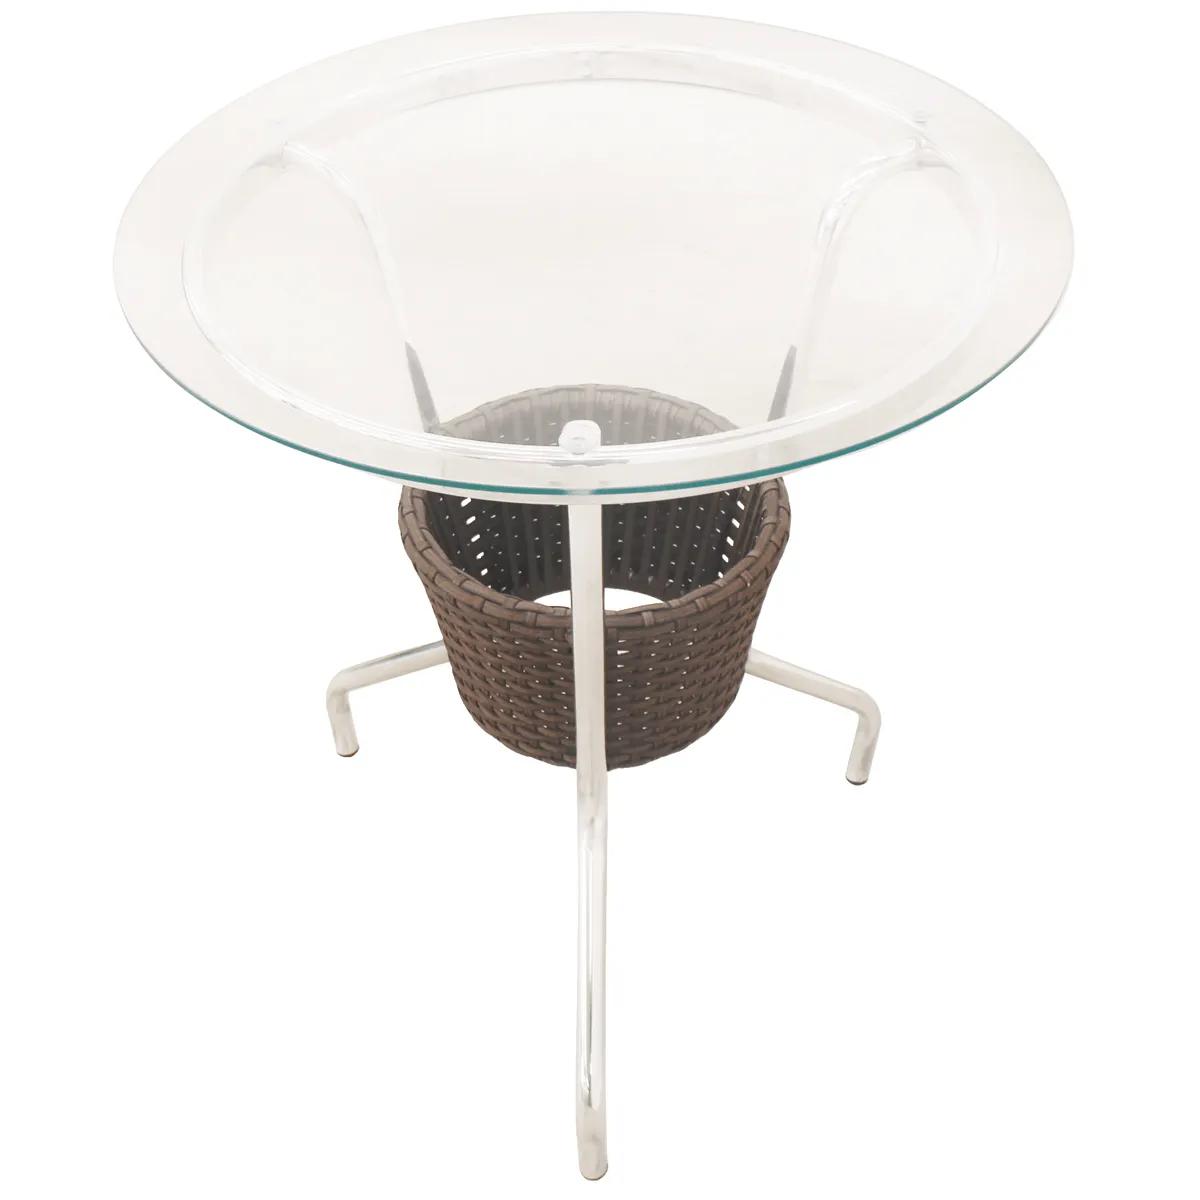 Mesa de Alumínio com Tampo em Vidro e Cooler - MBR100